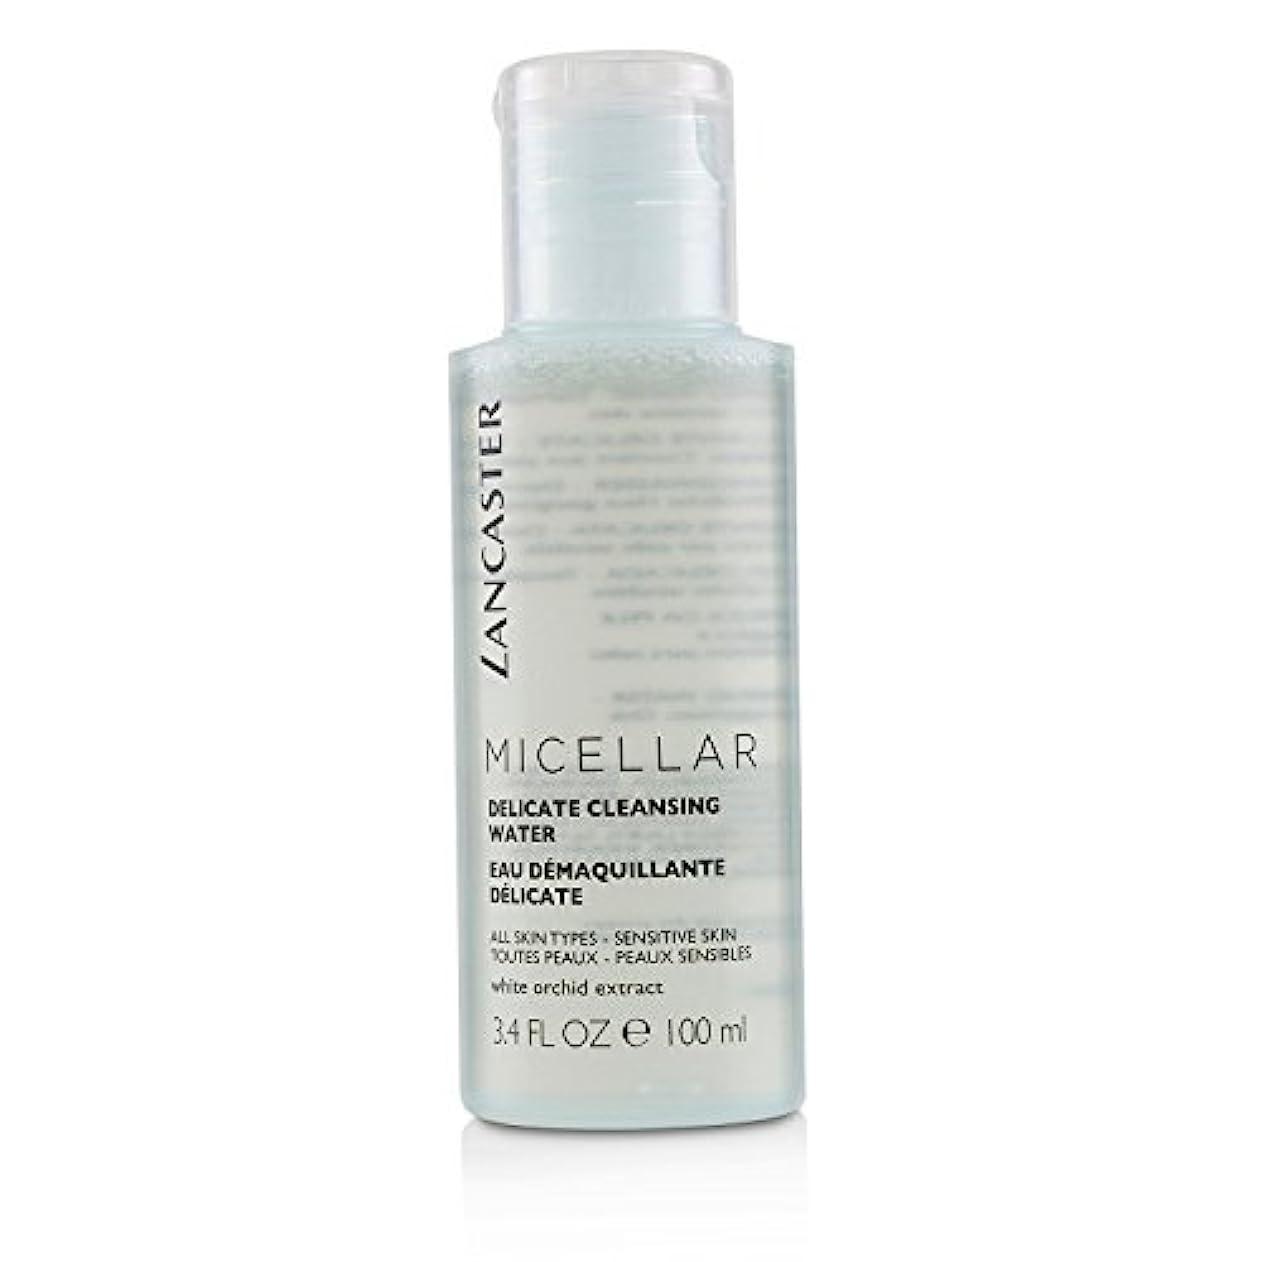 インタビュー脆い贅沢なランカスター Micellar Delicate Cleansing Water - All Skin Types, Including Sensitive Skin 100ml/3.4oz並行輸入品